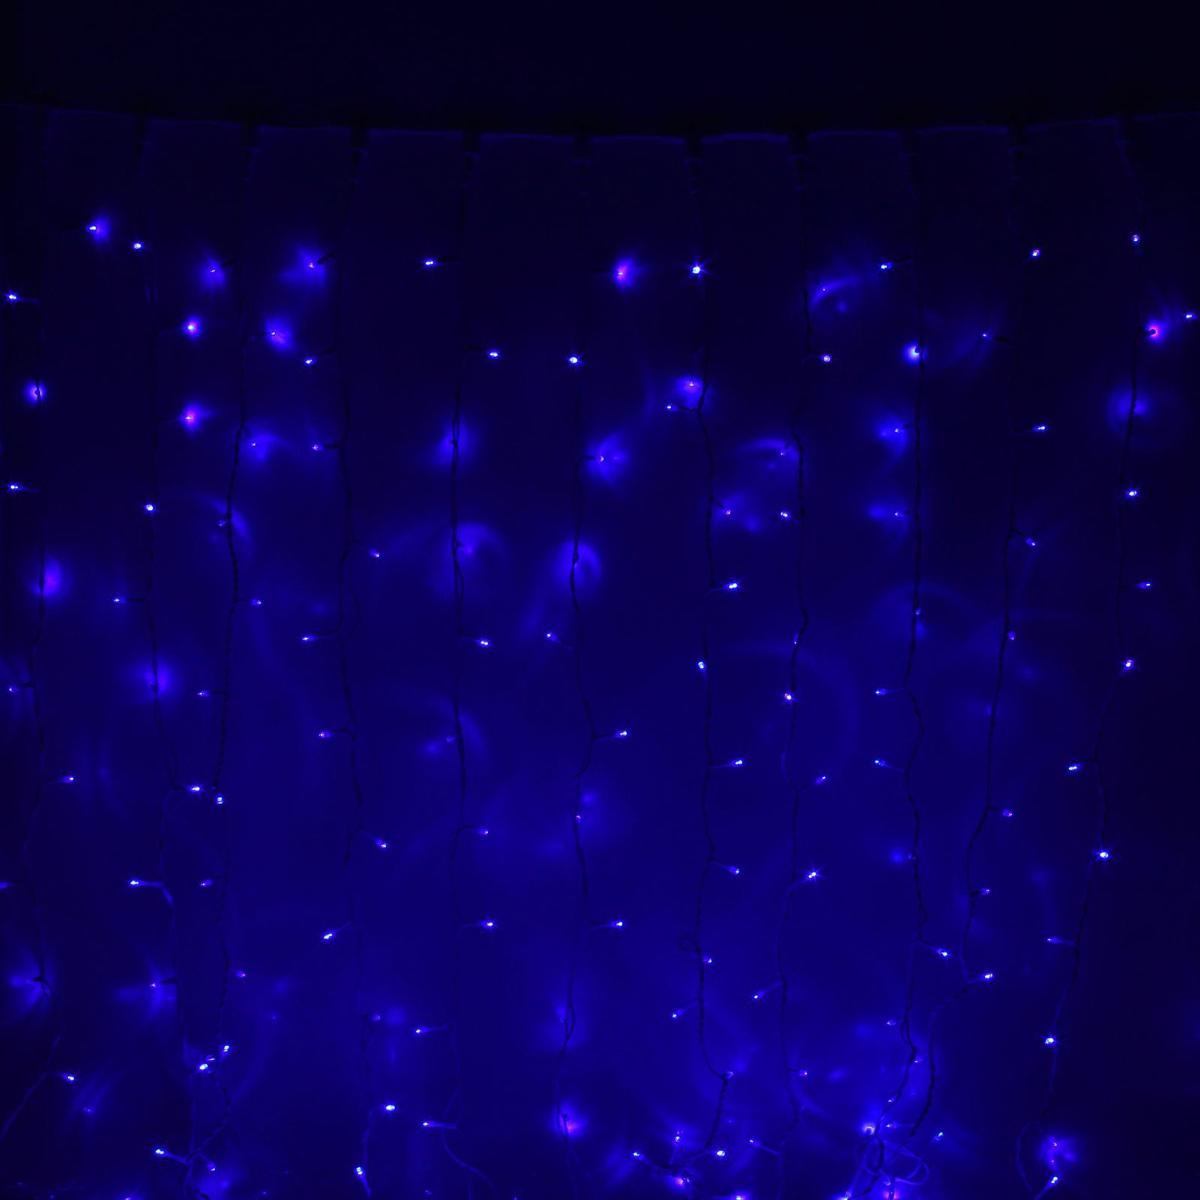 Гирлянда светодиодная Luazon Занавес, цвет: синий, уличная, 1800 ламп, 220 V, 2 х 9 м. 10803061080306Светодиодные гирлянды и ленты — это отличный вариант для новогоднего оформления интерьера или фасада. С их помощью помещение любого размера можно превратить в праздничный зал, а внешние элементы зданий, украшенные ими, мгновенно станут напоминать очертания сказочного дворца. Такие украшения создают ауру предвкушения чуда. Деревья, фасады, витрины, окна и арки будто специально созданы, чтобы вы украсили их светящимися нитями.